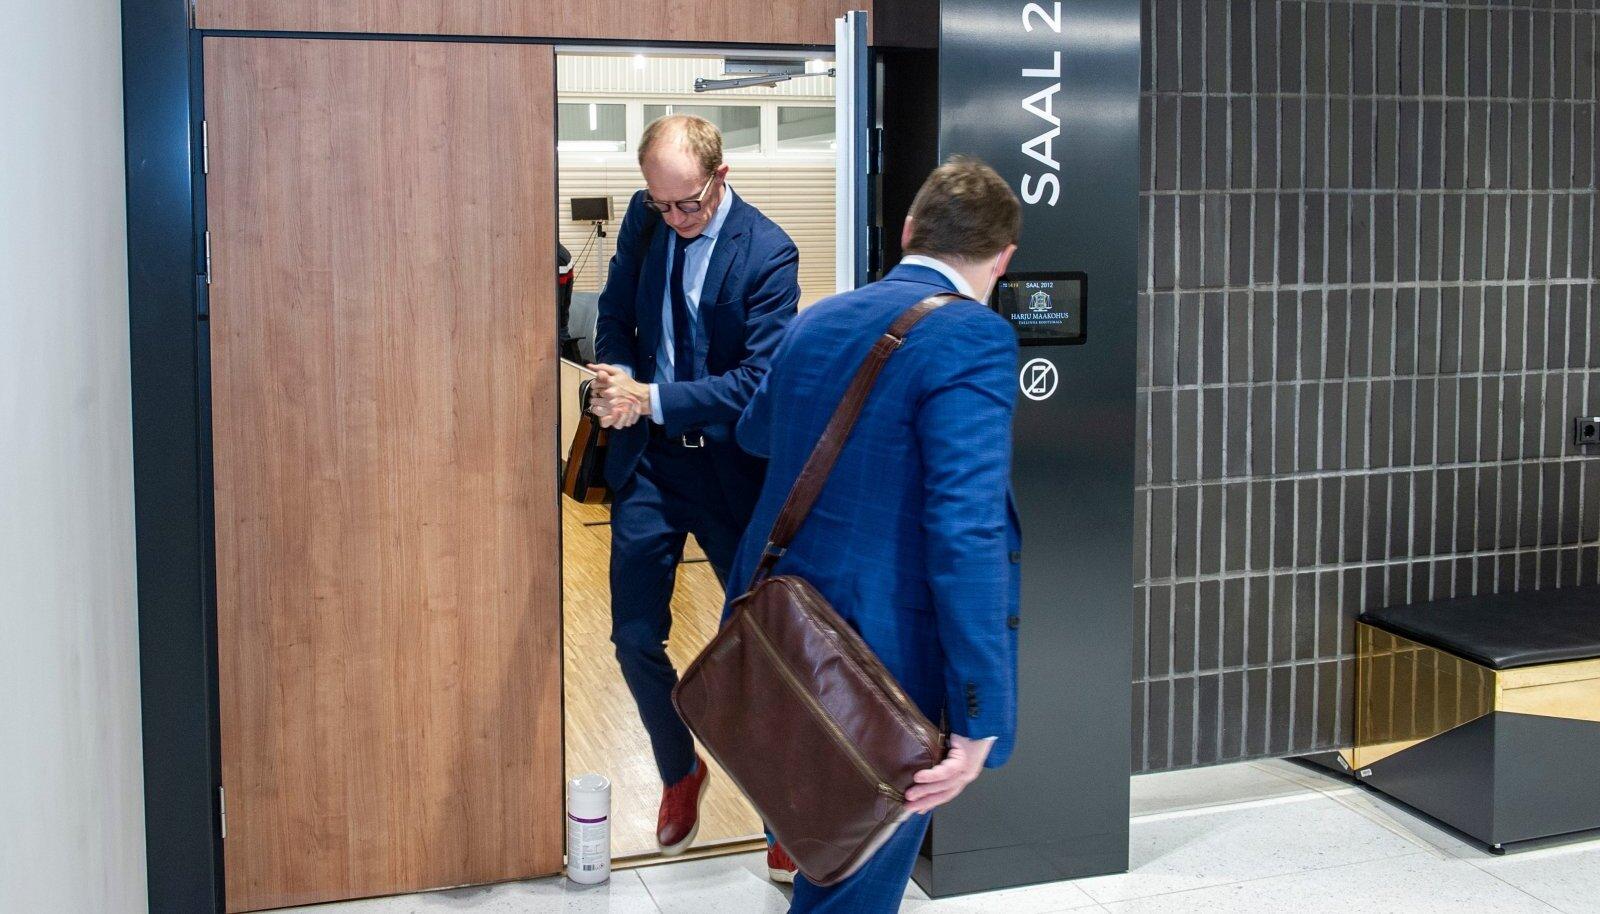 ODAV JA TÕHUS: Advokaat Tanel Mällas (seljaga) vaatab, et advokatuuri esimees Jaanus Tehver ei komistaks kohtusaalist väljudes plastpurgi otsa. Purki kasutatakse Harju maakohtu suurima istungisaali nr 2012 ukse praokil hoidmiseks, et tagada istungite ajal koroonaviiruse ohtu vähendav õhuvahetus. Kuigi 2018. aastal avatud kohtuhoone ehitus maksis riigile 35 miljonit eurot, ei saa ilma purgita õigust mõista.